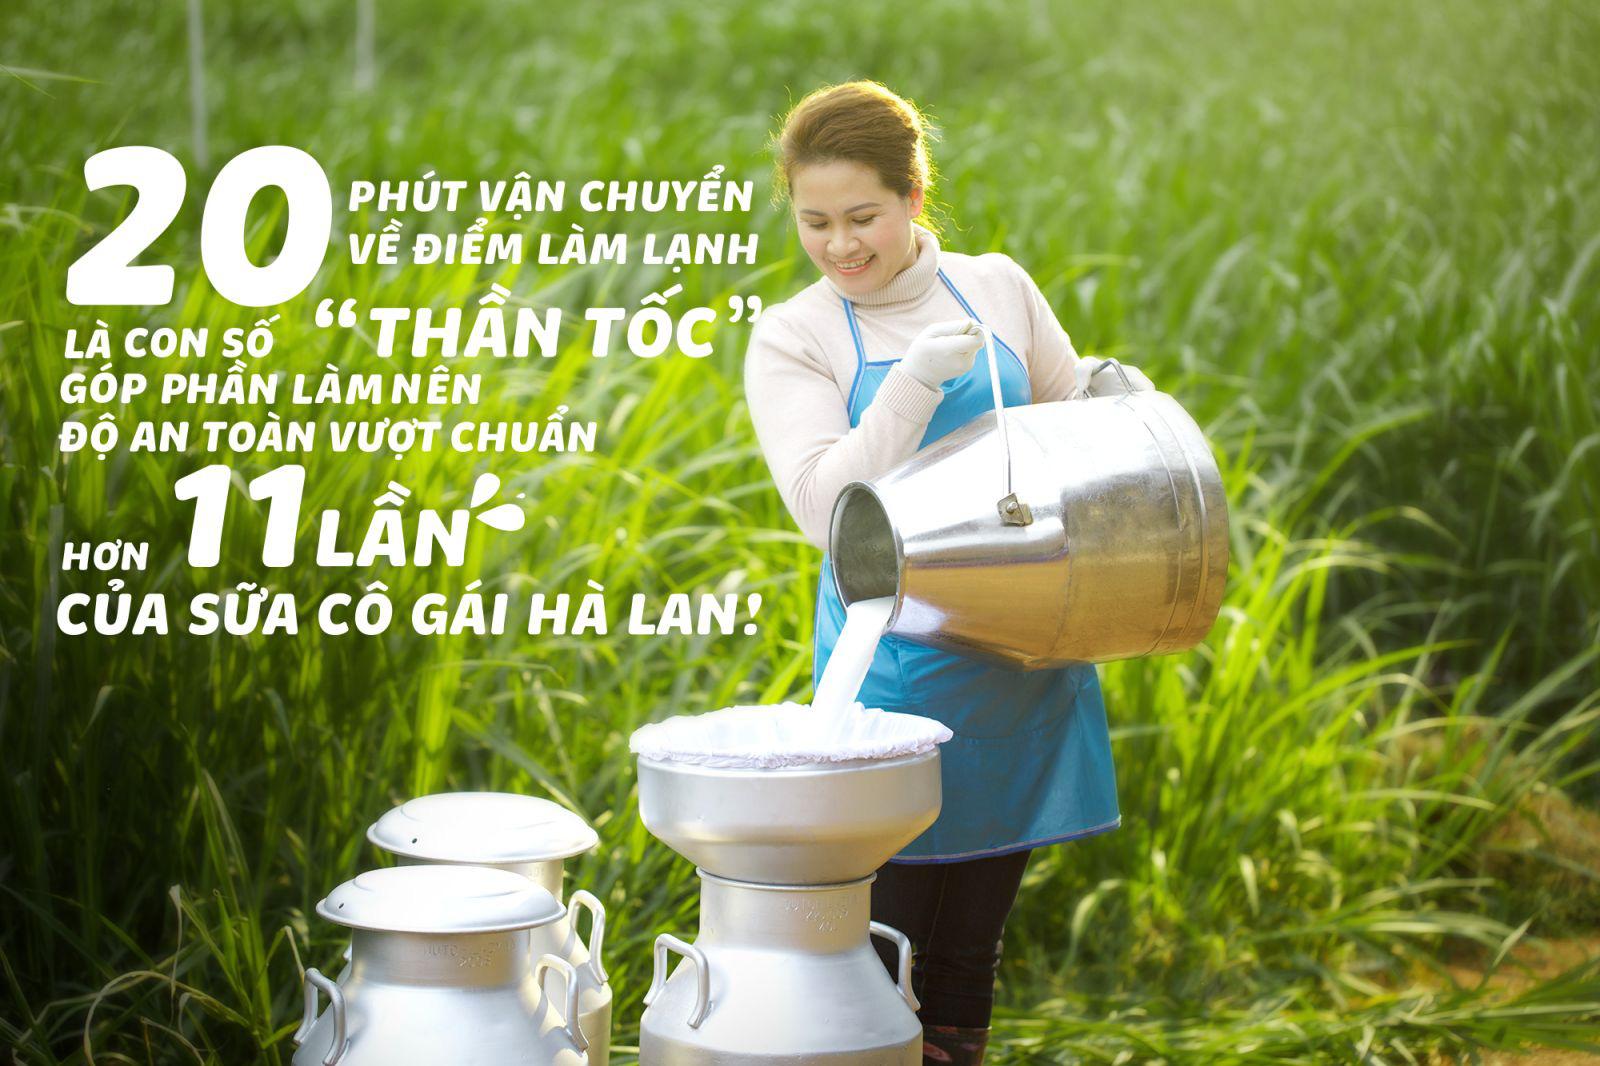 Quy trình sản xuất sữa chuẩn an toàn và thuần khiết hóa ra lại hay ho thế này! - Ảnh 4.